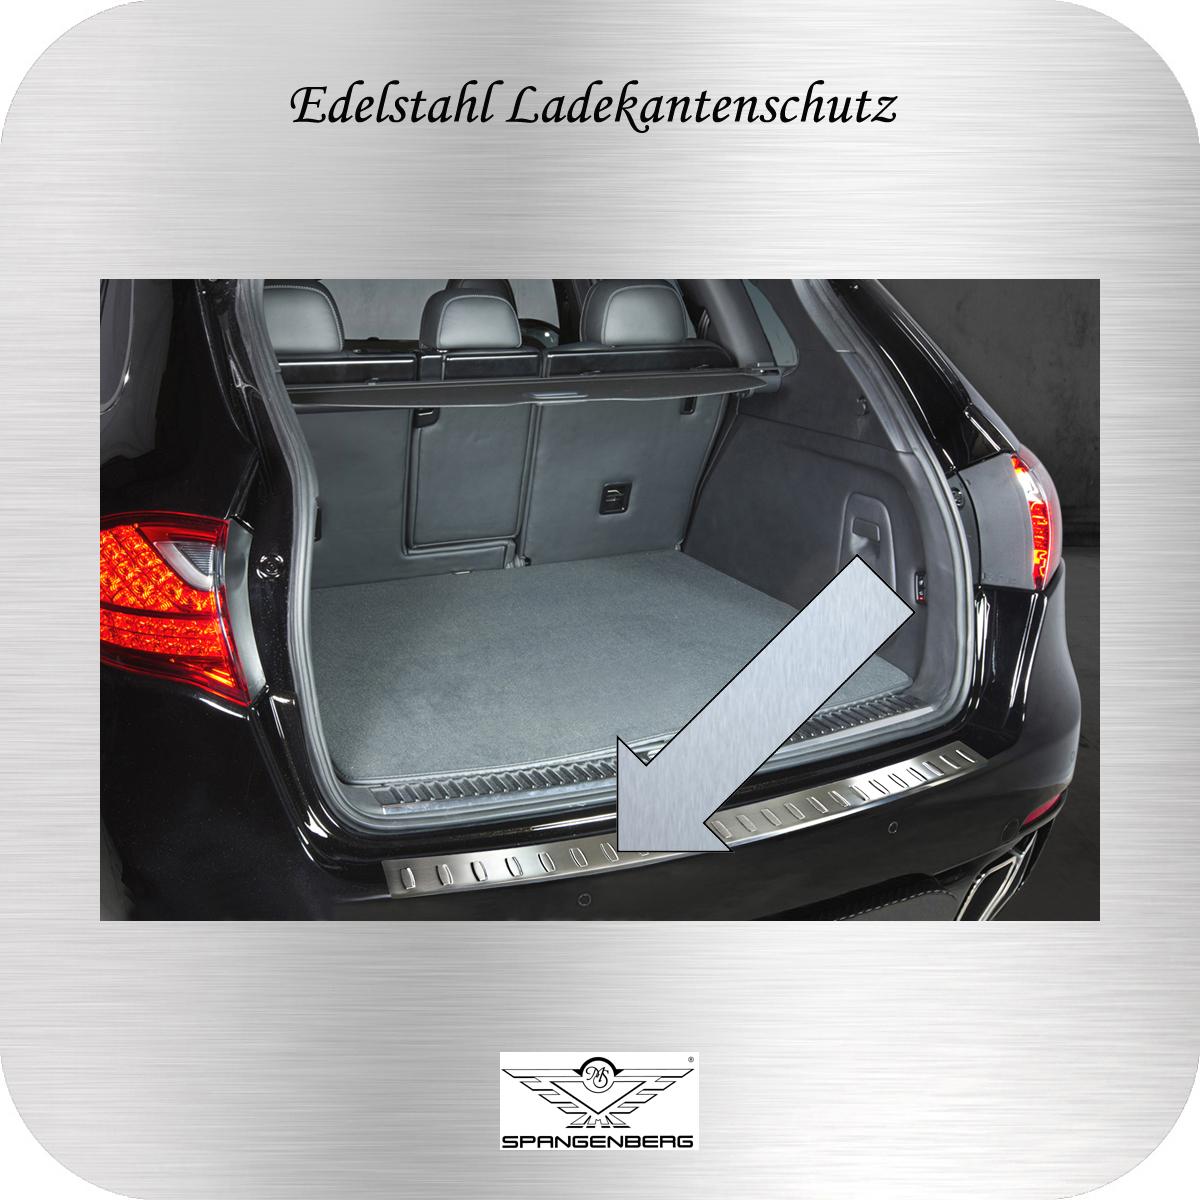 Ladekantenschutz Edelstahl für Porsche Cayenne I SUV 92A vor FL 2010-14 3235180